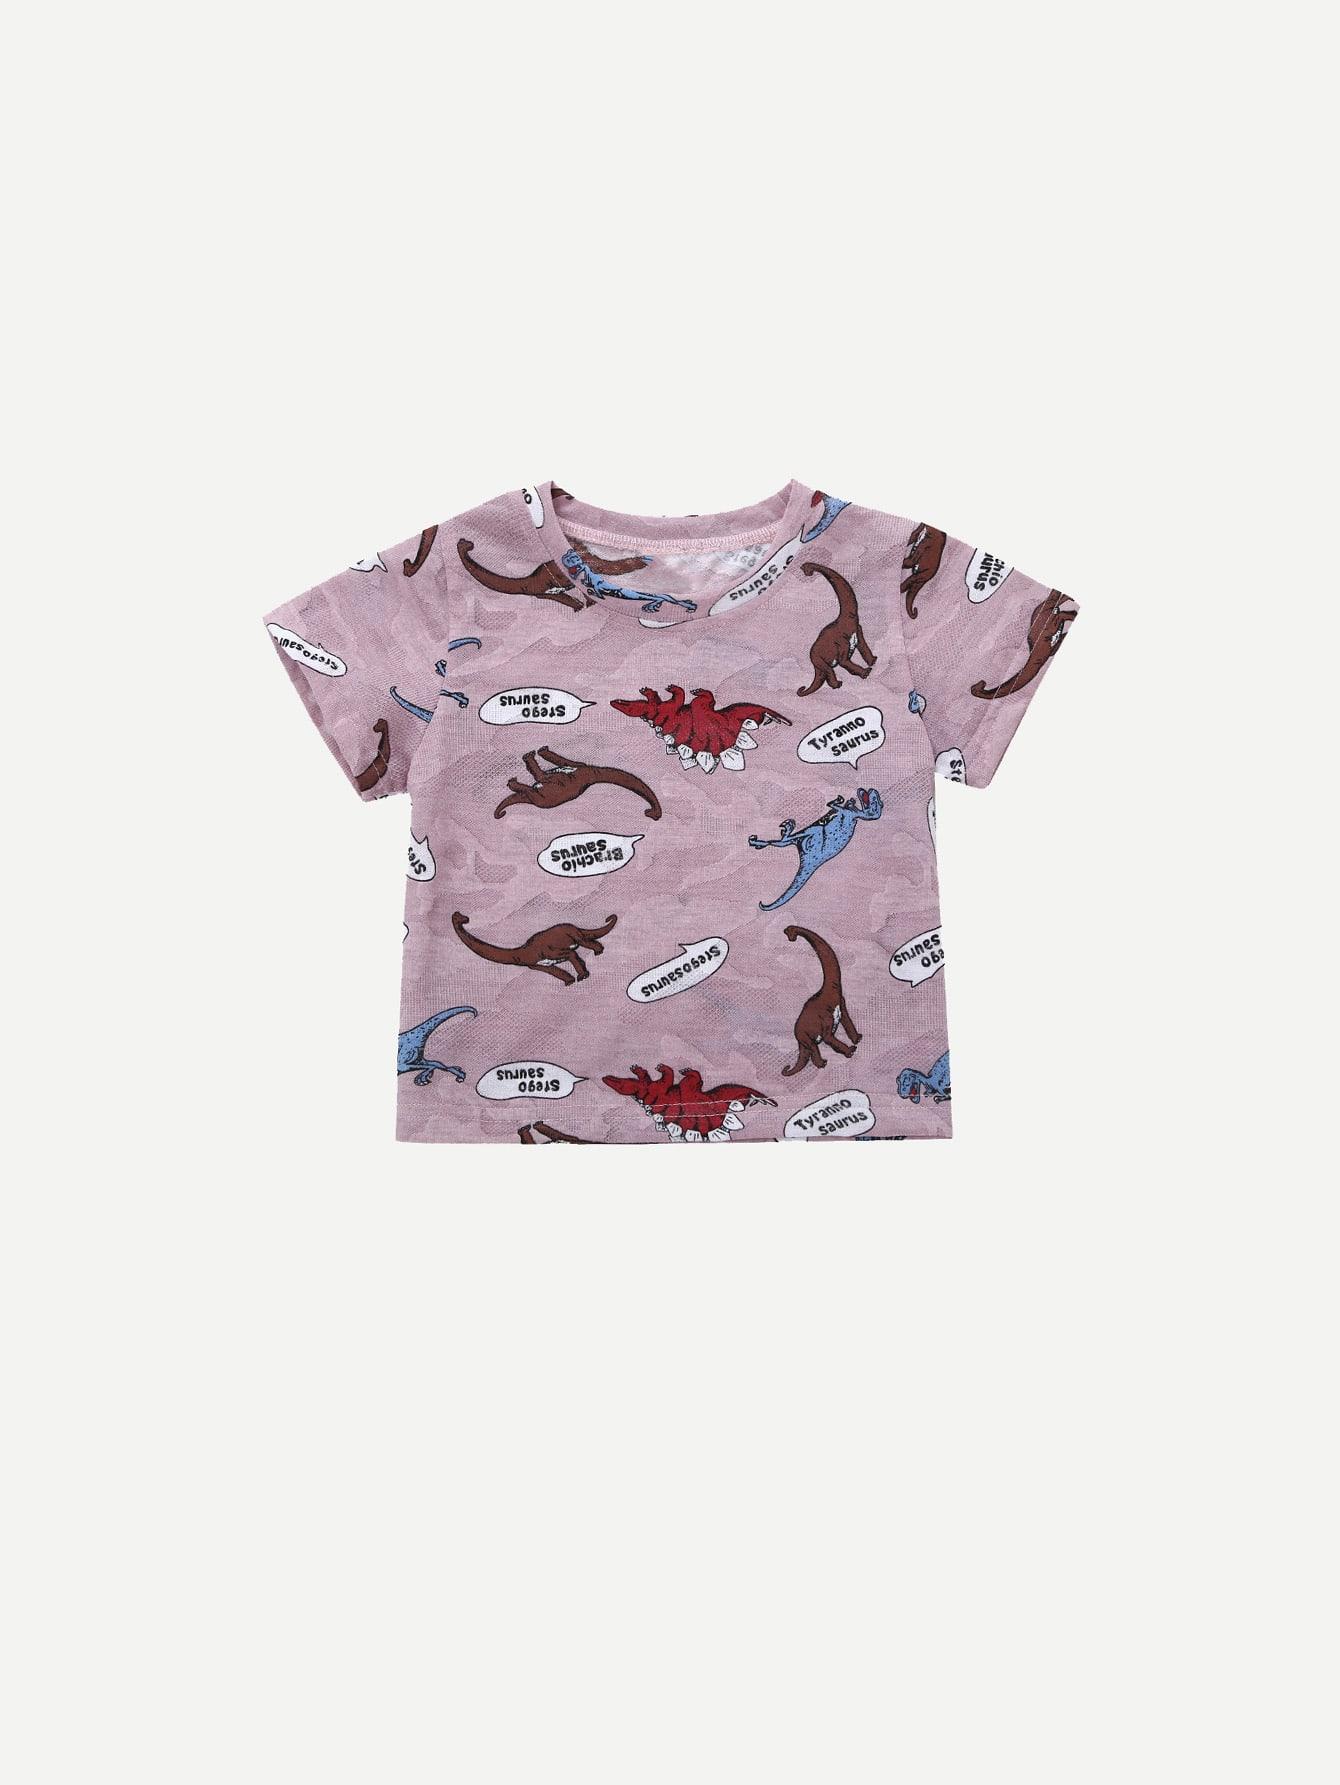 Boys Dinosaur Print Tee boys tee